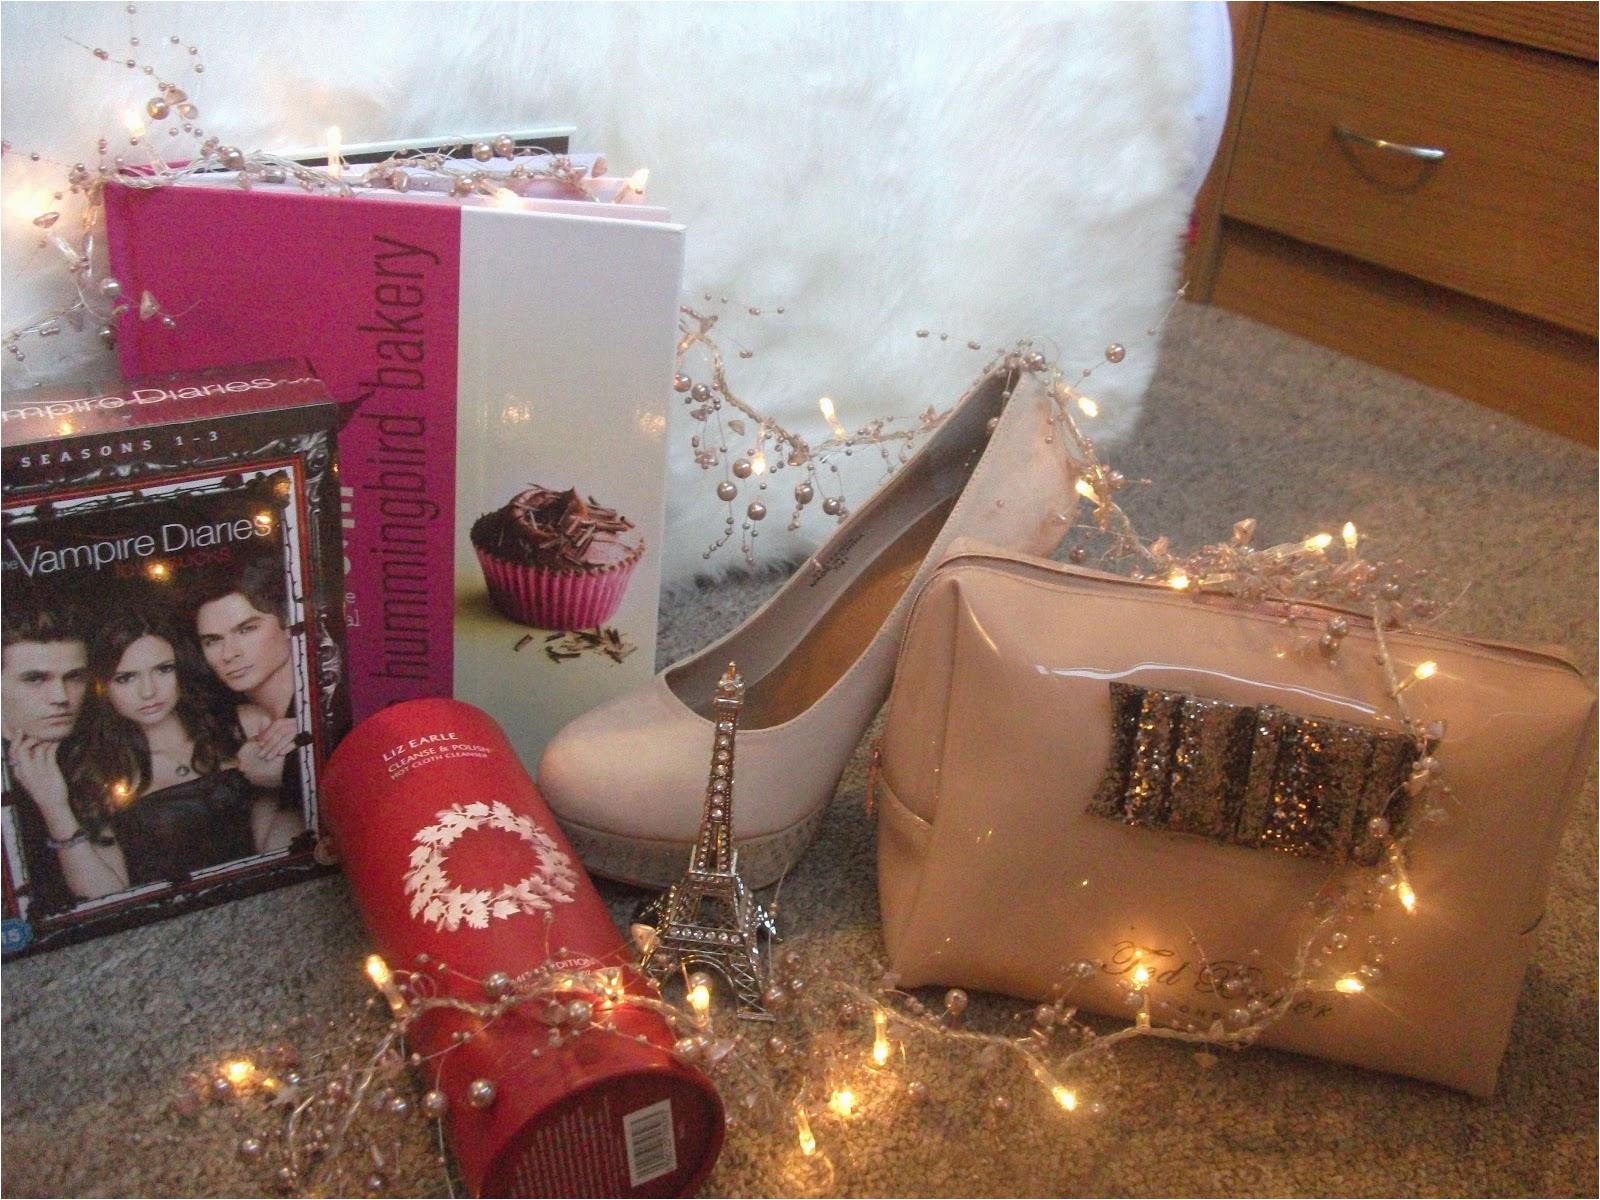 Best 18th Birthday Gifts for Boyfriend Gift Ideas for Boyfriend Gift Ideas for My Boyfriend 39 S